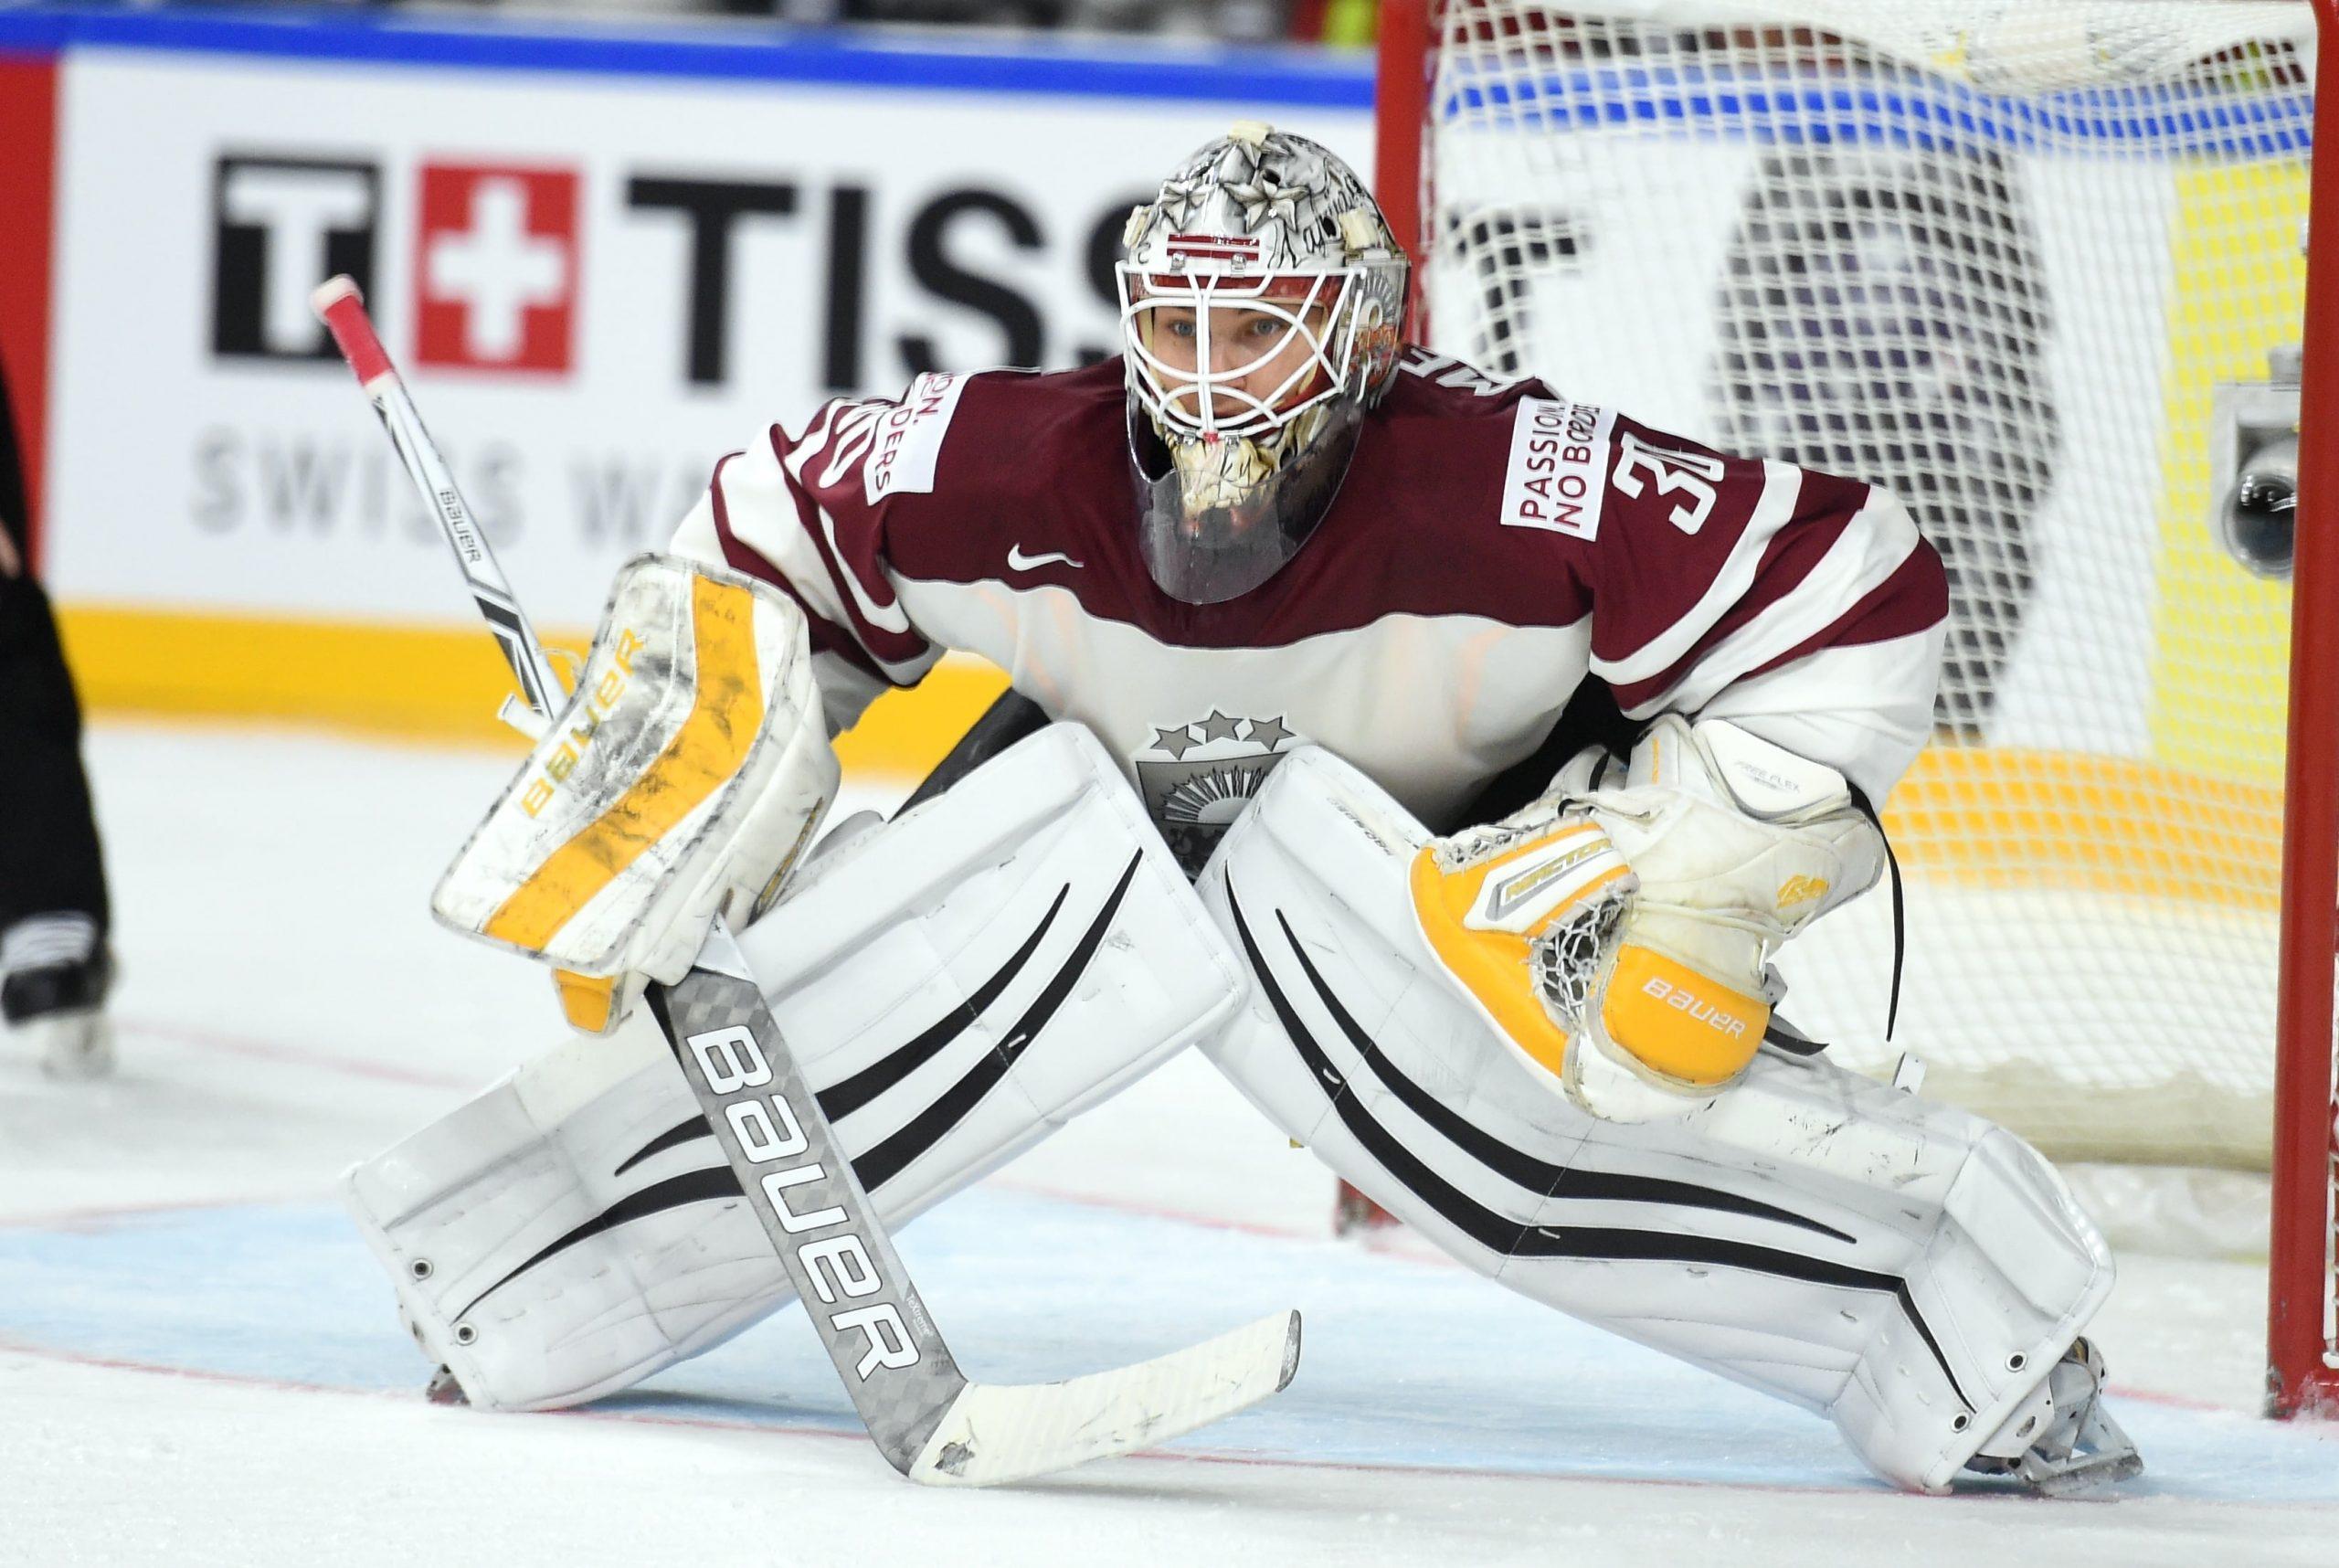 Latvijas hokeja zvaigžņu labākie pasaules čempionāti: Irbe, Skrastiņš, Ozoliņš, Znaroks un citi